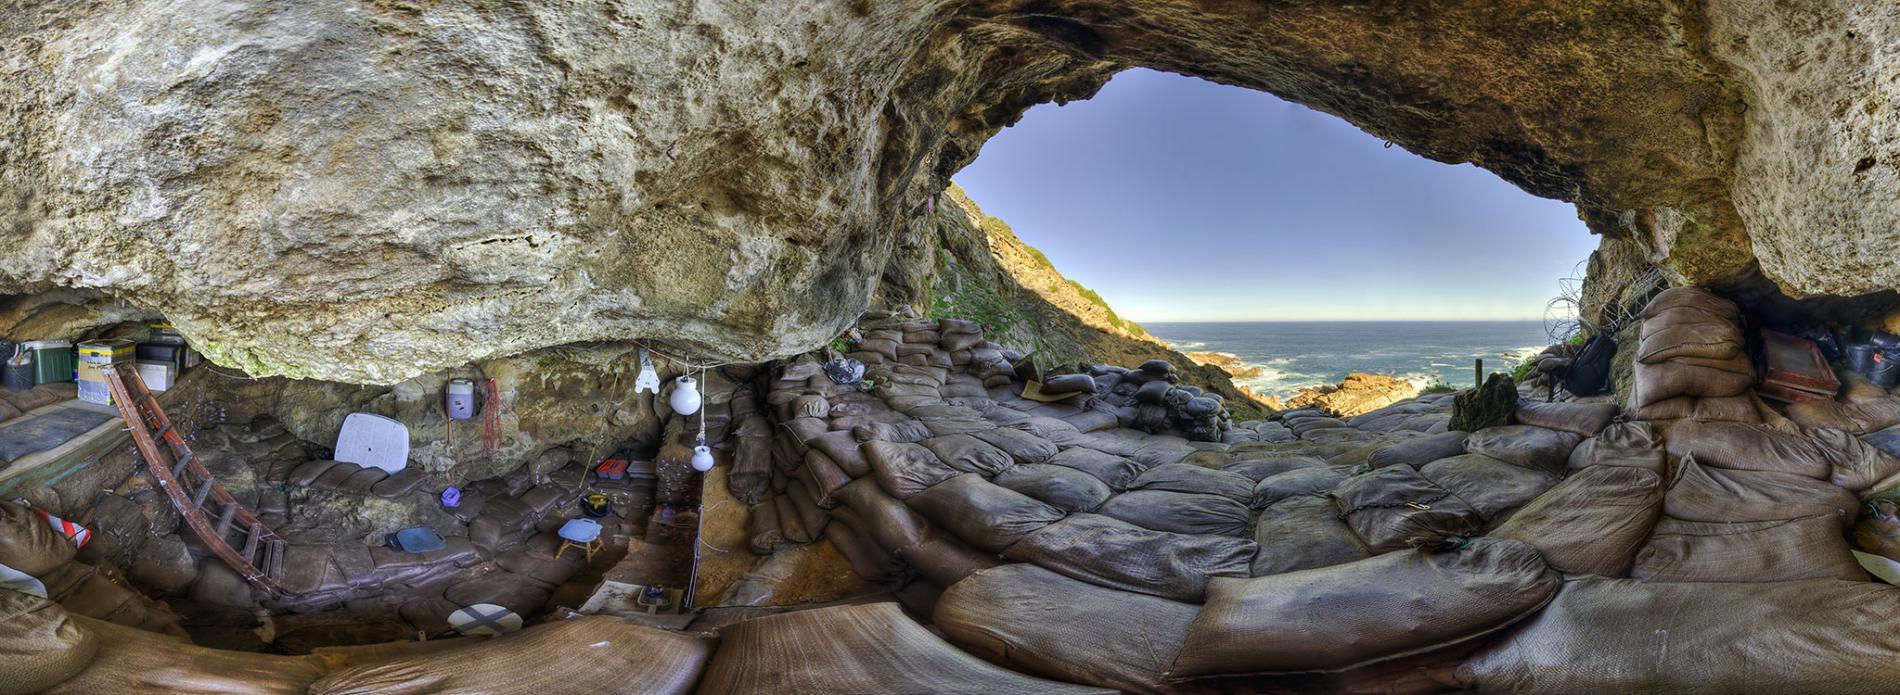 ศิลปะเก่าแก่ที่สุด ภายในถ้ำ Blombos ภาพถ่ายโดย Magnus Haaland